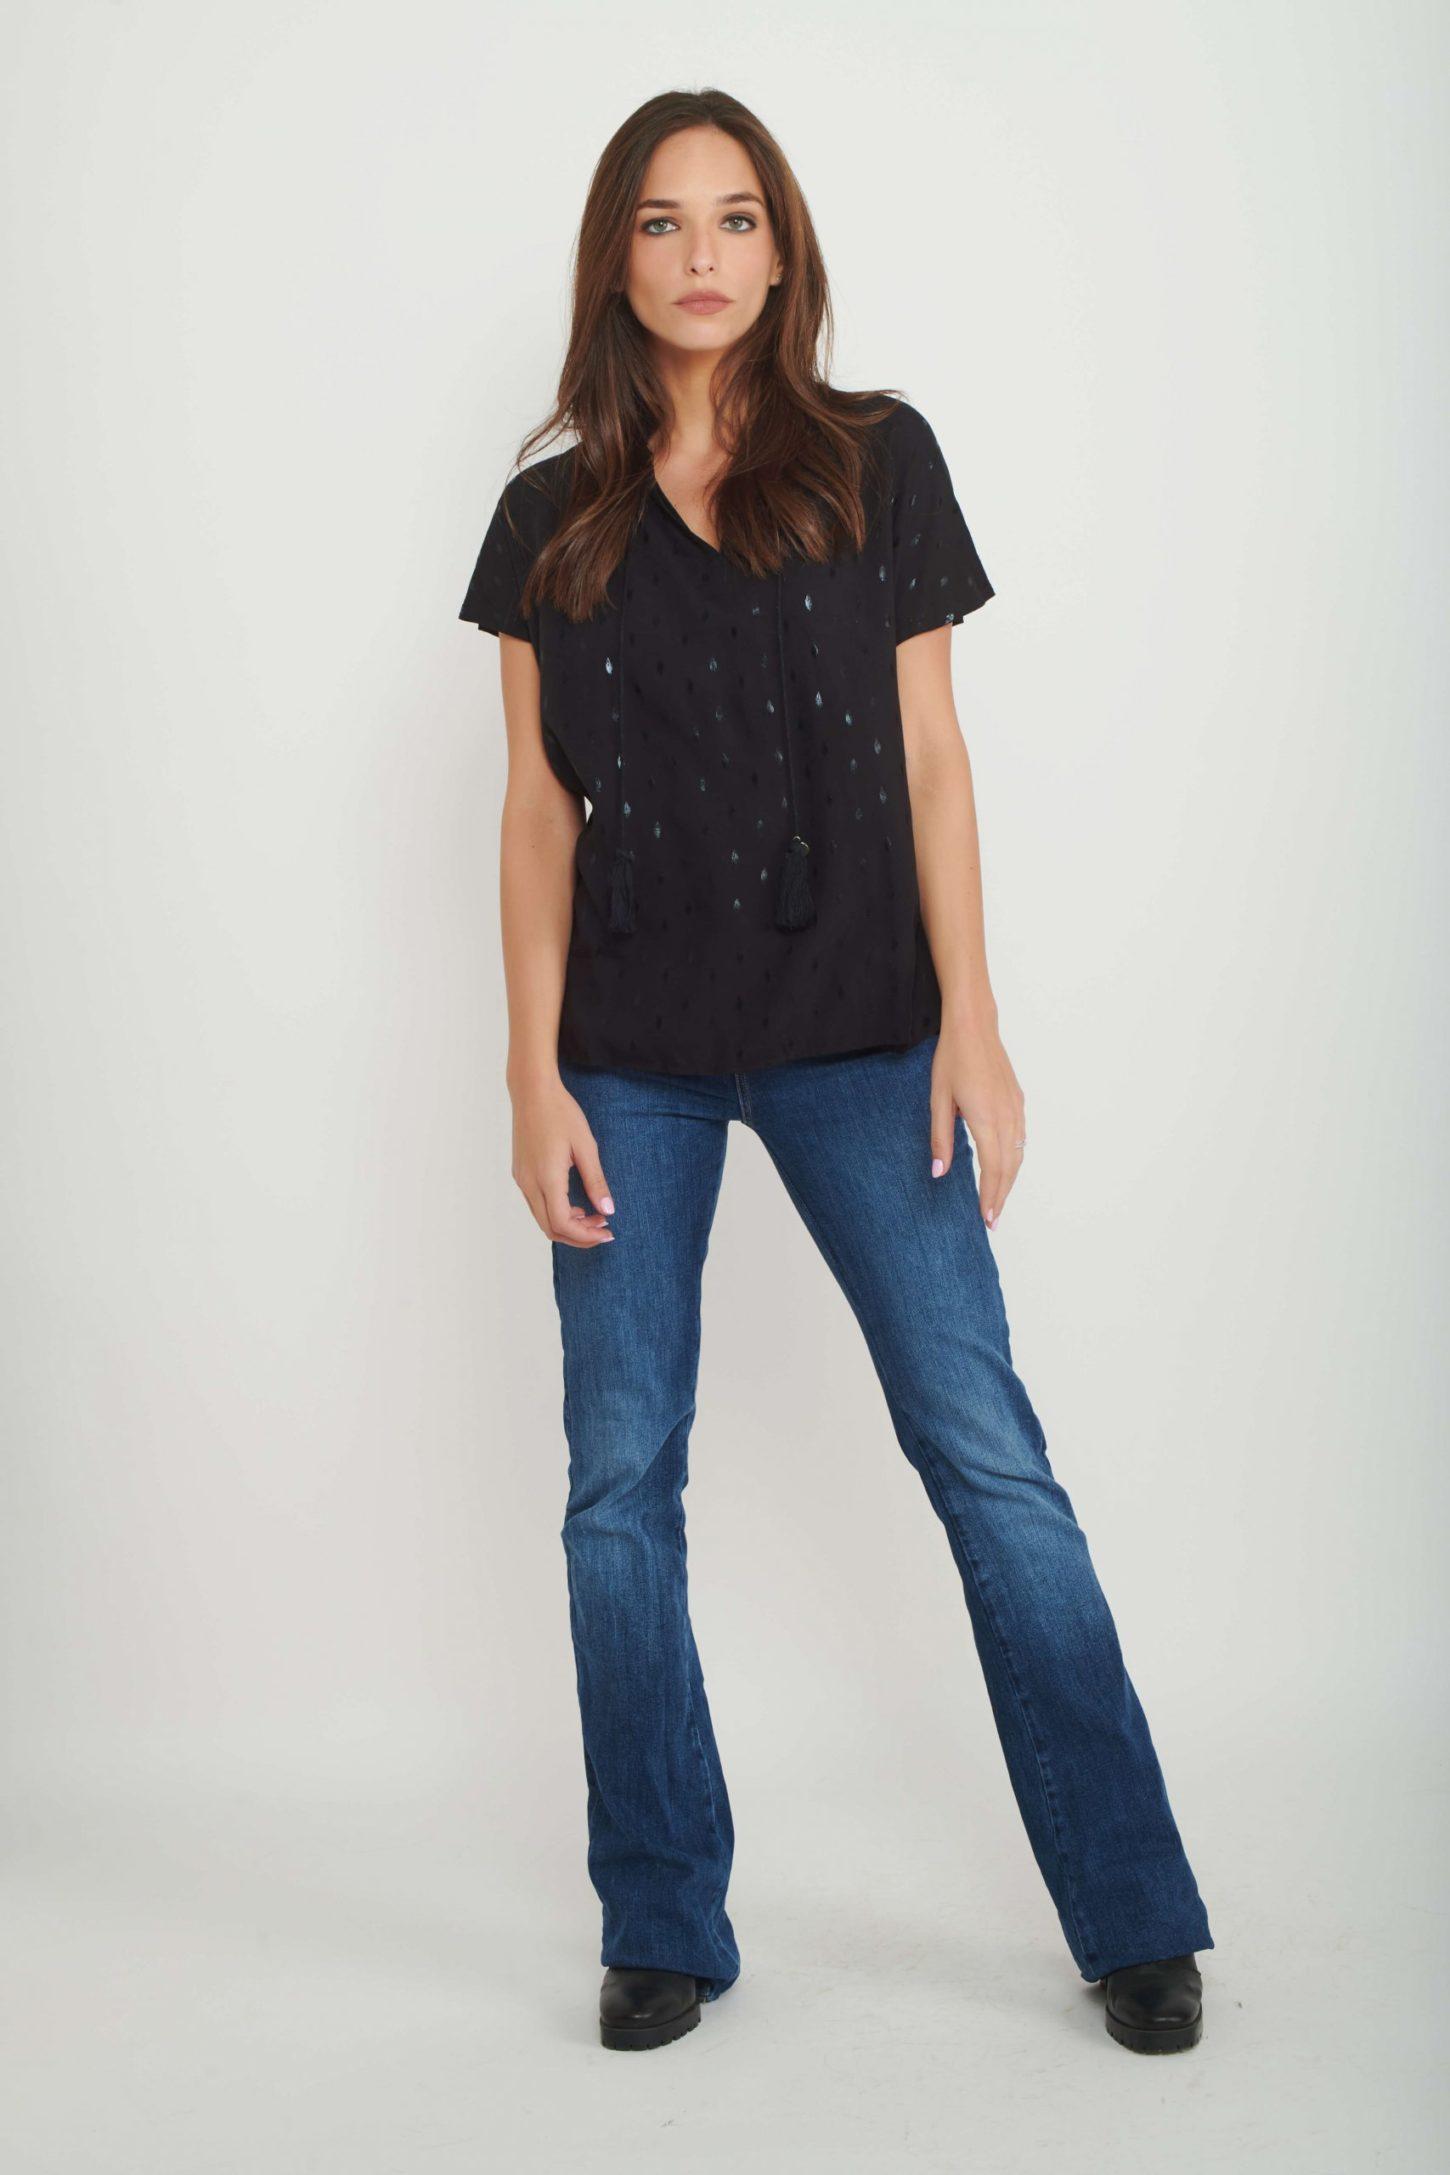 חולצת Shiny Black Seeds לנשים